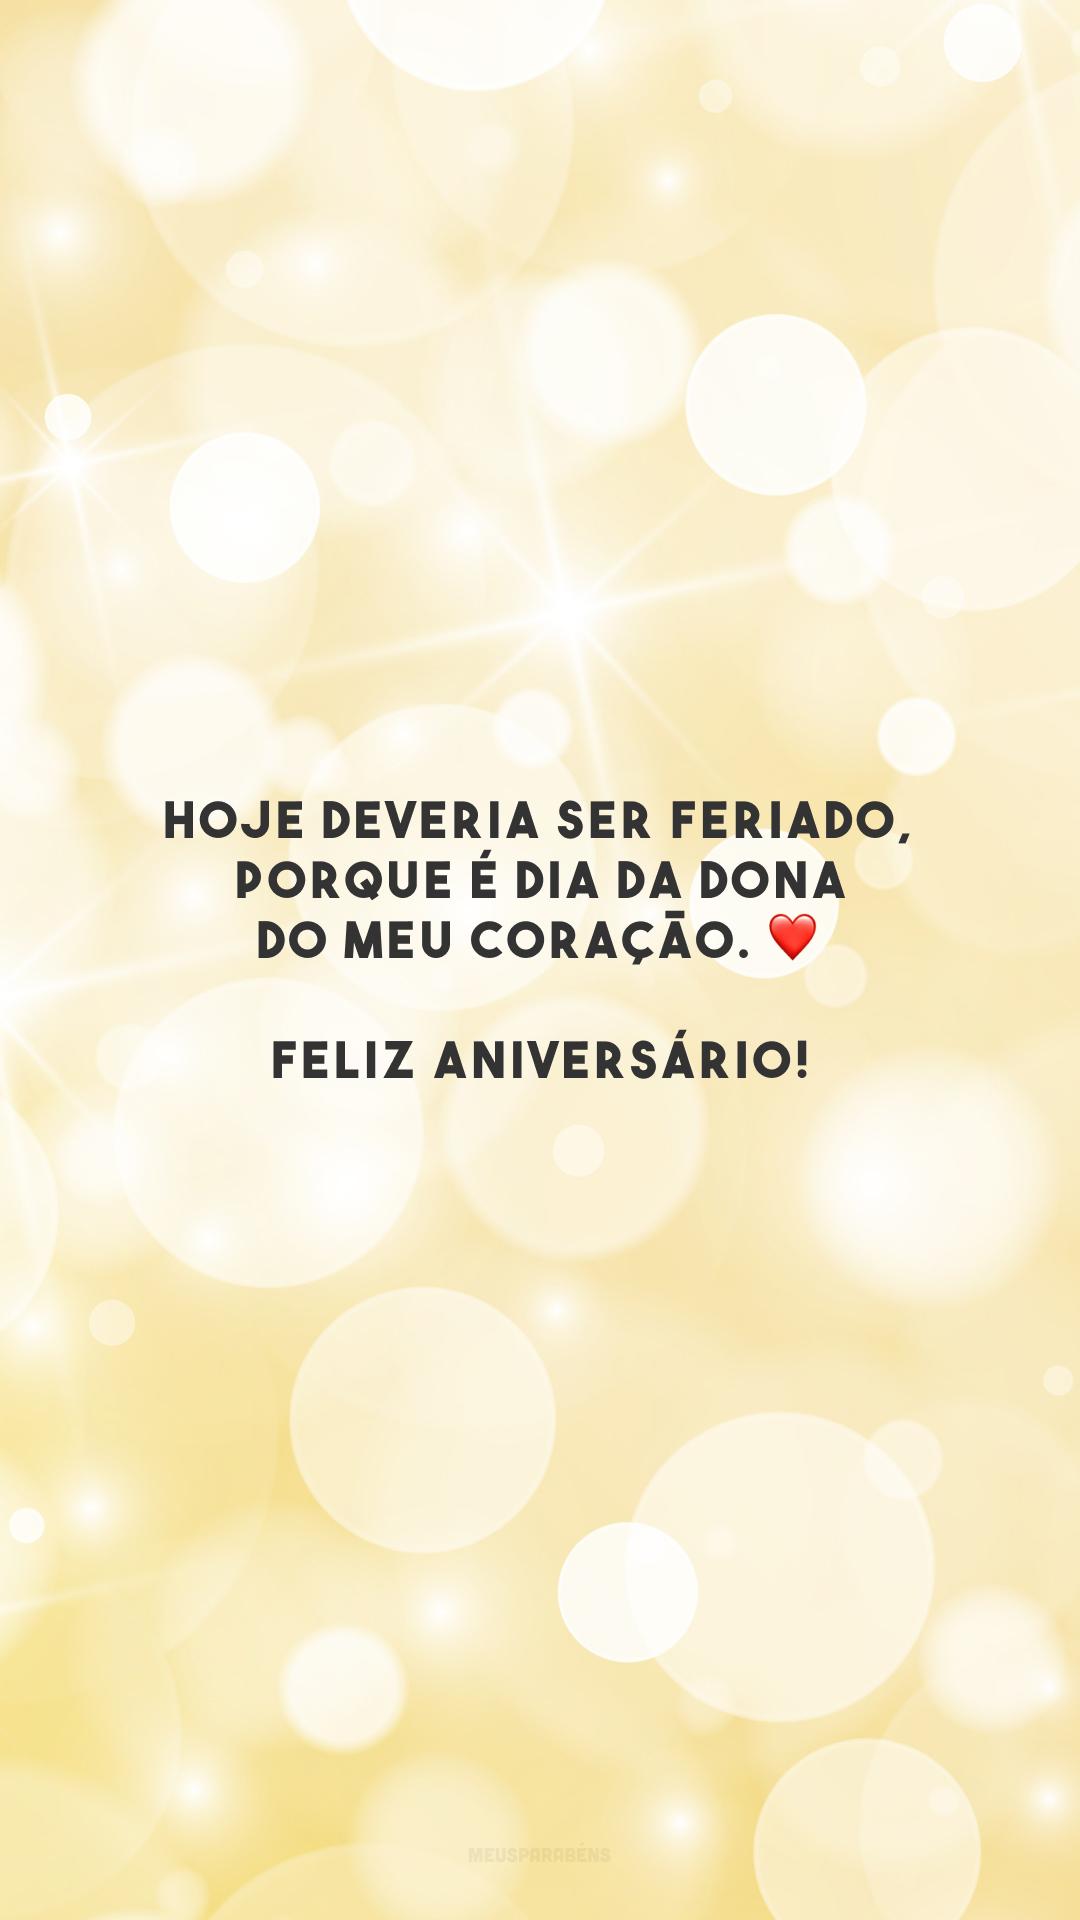 Hoje deveria ser feriado, porque é dia da dona do meu coração. ❤️ Feliz aniversário!